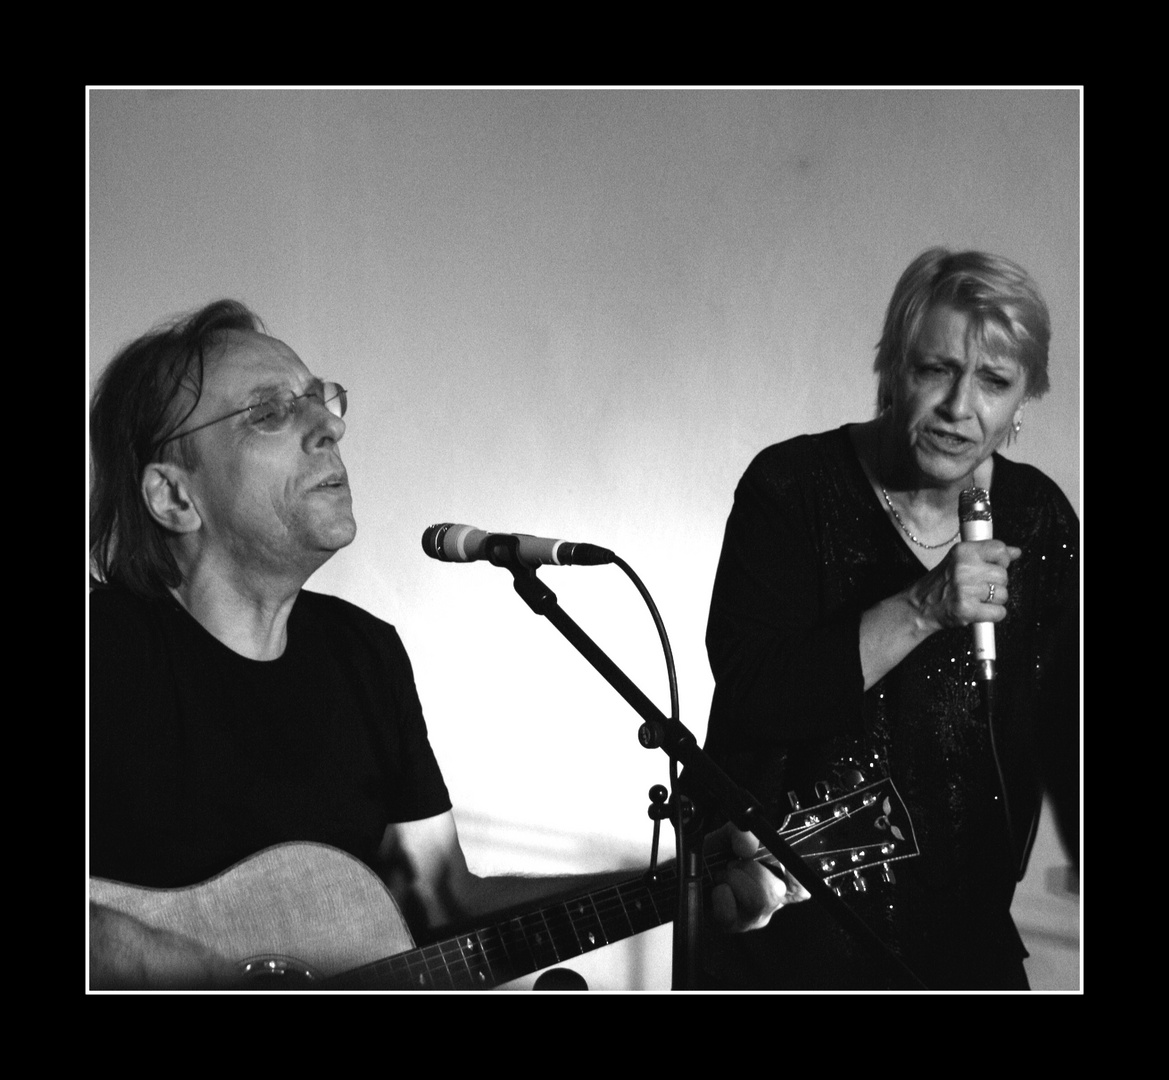 Klunker & Ufholz - Traumpaar